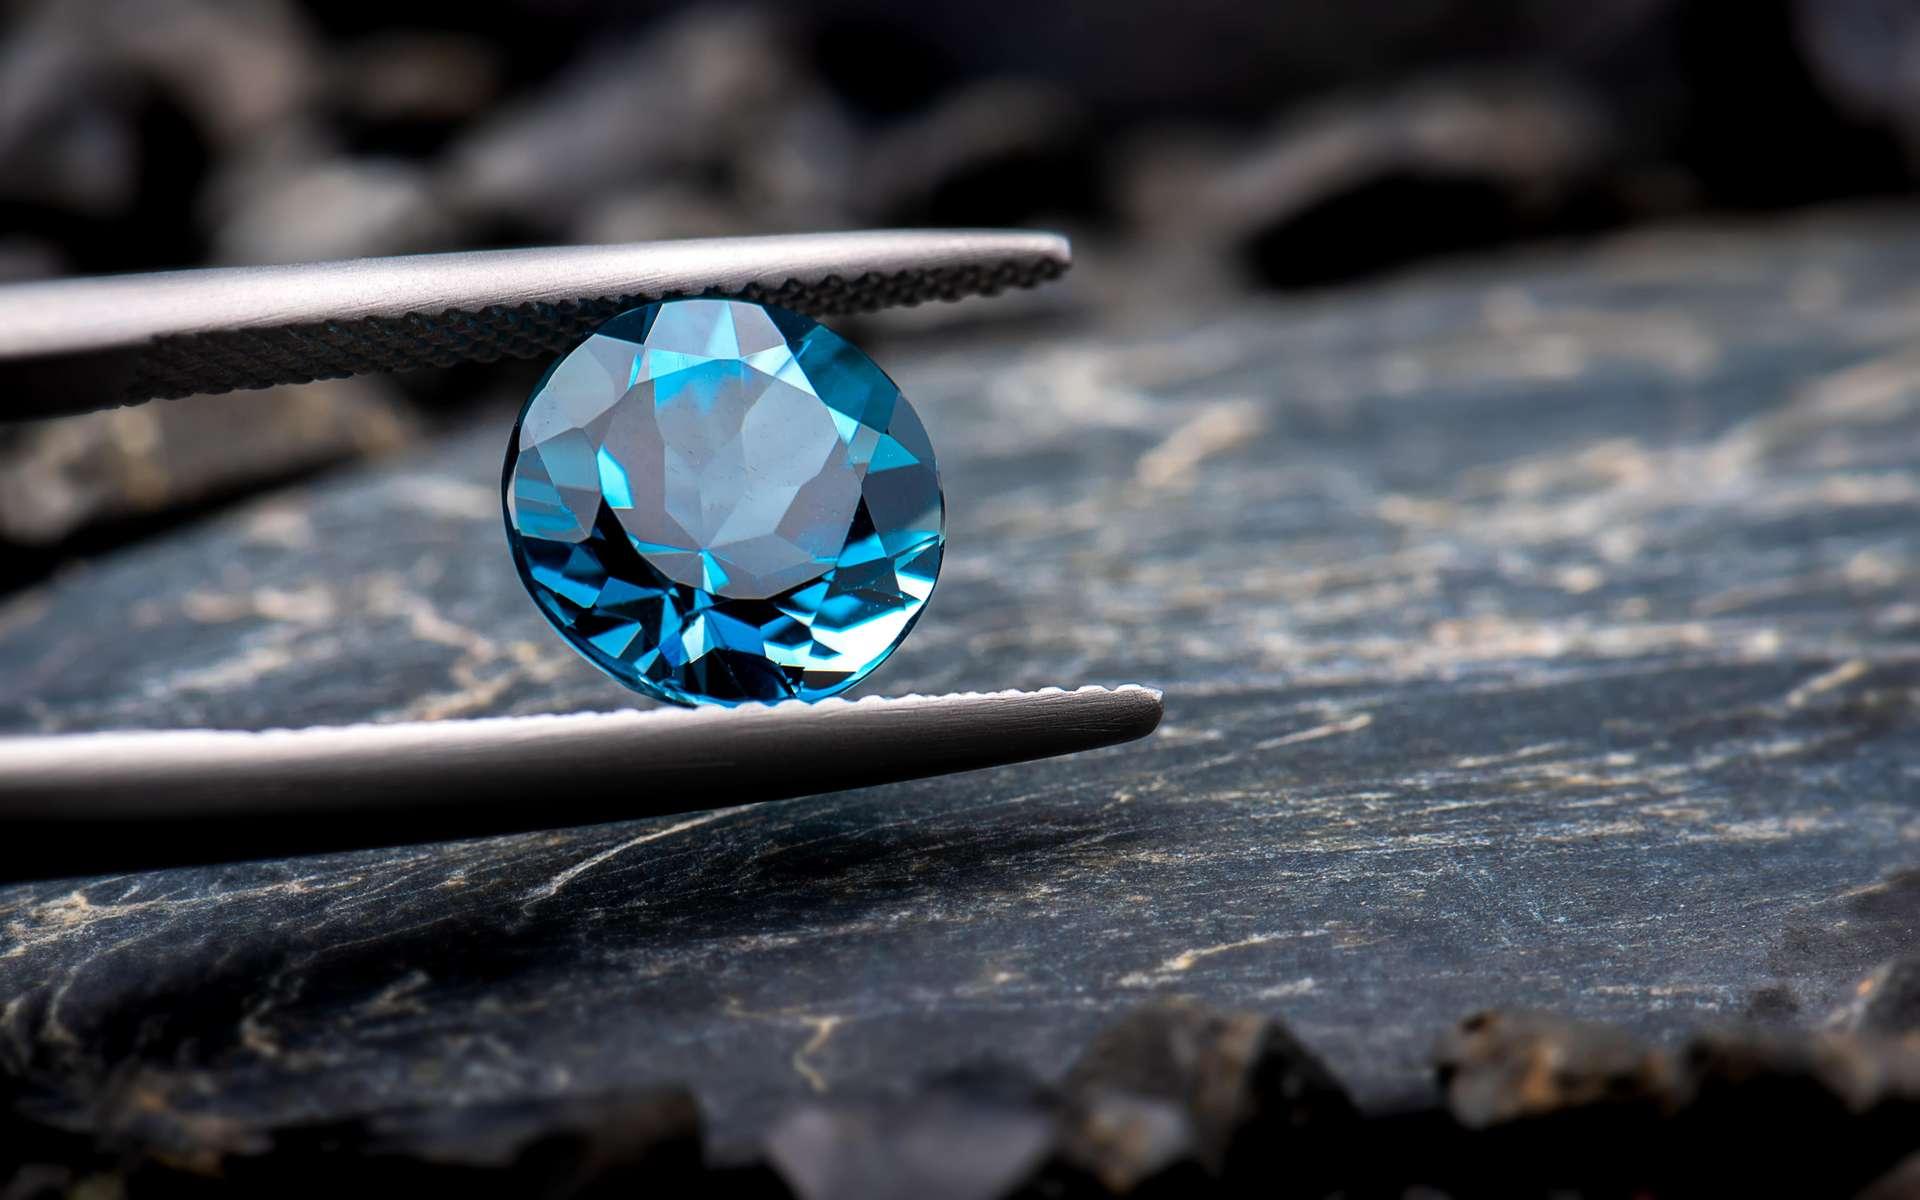 Le diamant bleu de Louis XIV a pu renaître grâce à la science. © NPD stock, Adobe Stock